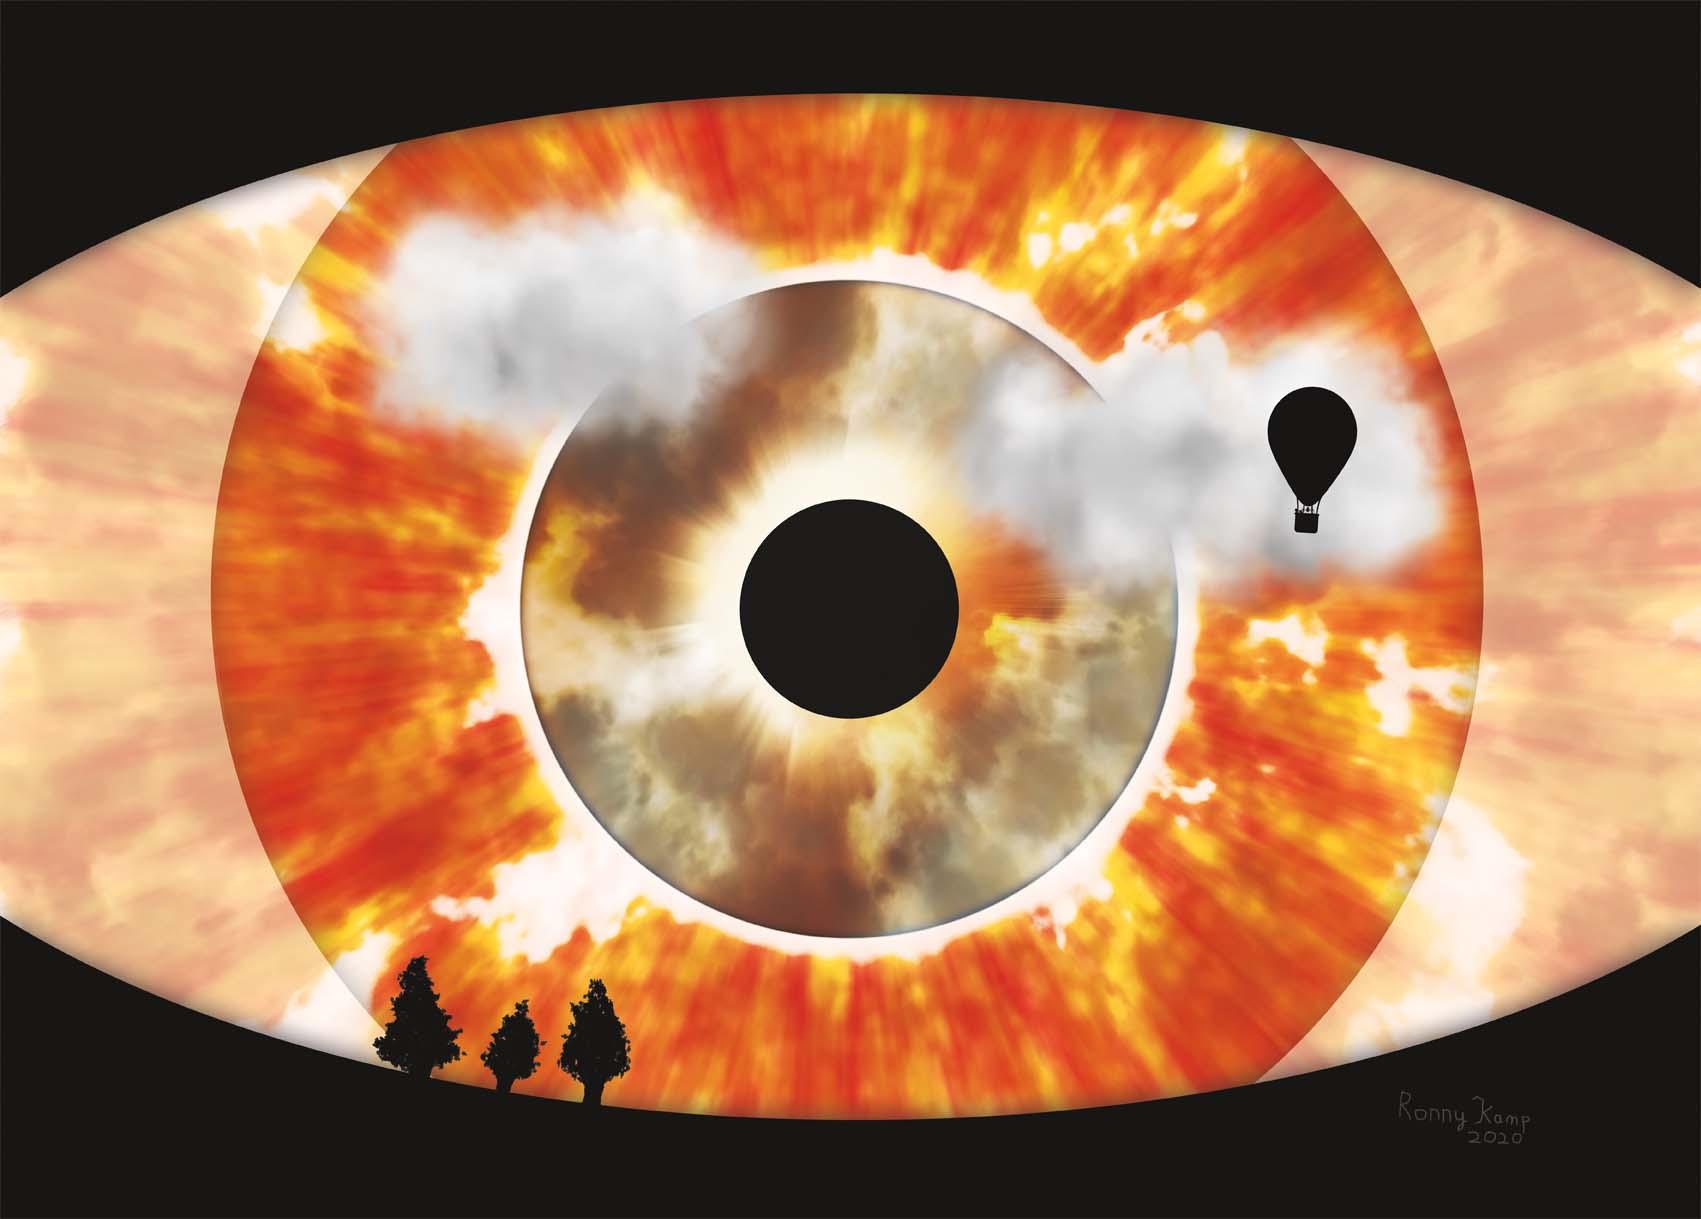 Vlammend oog of ontploffende zon. Op de voorgrond silhouetten van bomen en een heteluchtballon. Een griezelige aanblik van een gebeurtenis die met zekerheid een grote verandering teweeg brengt.